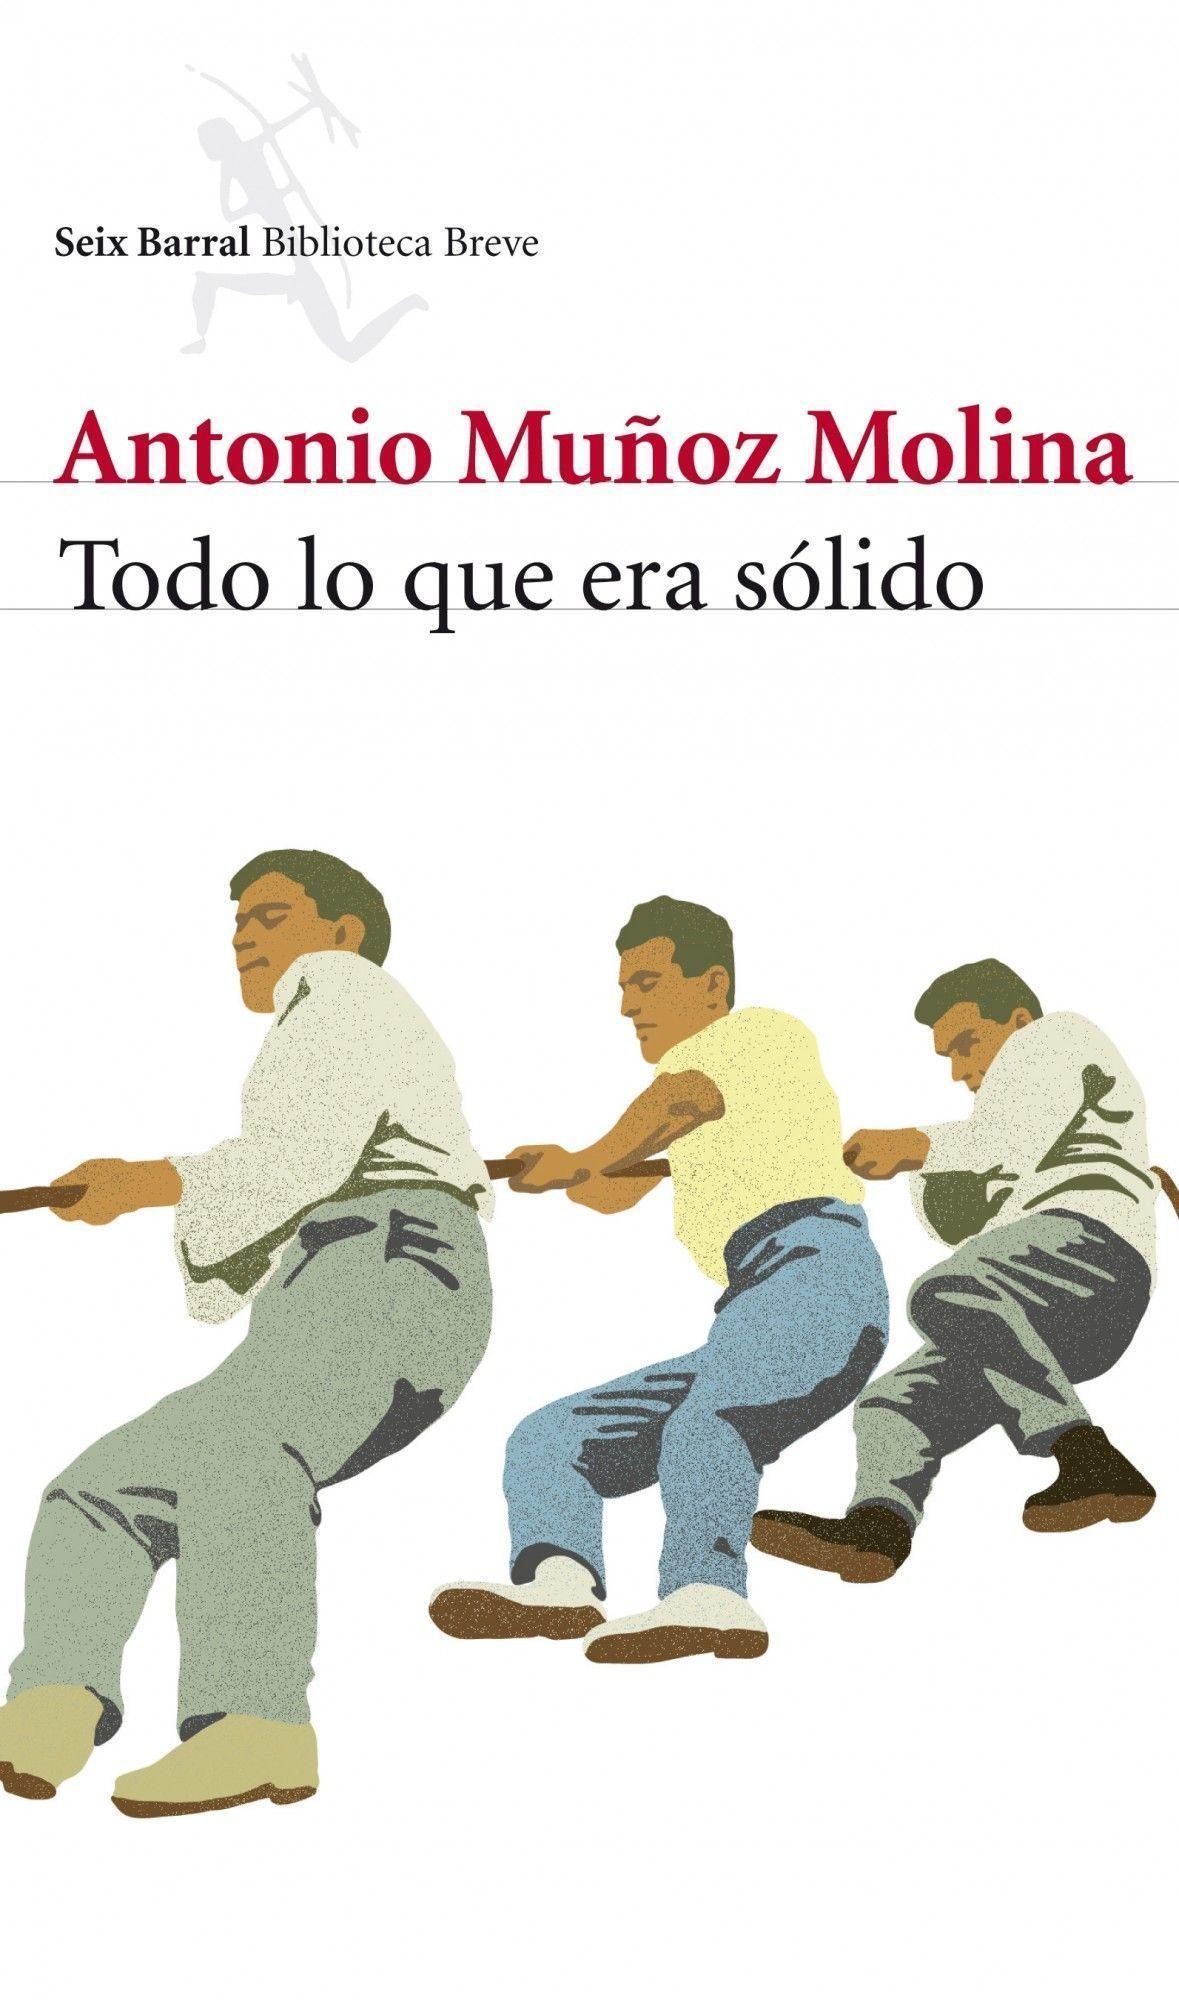 TODO LO QUE ERA SOLIDO, de Antonio Muñoz Molina Portada_todo-lo-que-era-solido_antonio-munoz-molina_201505260913